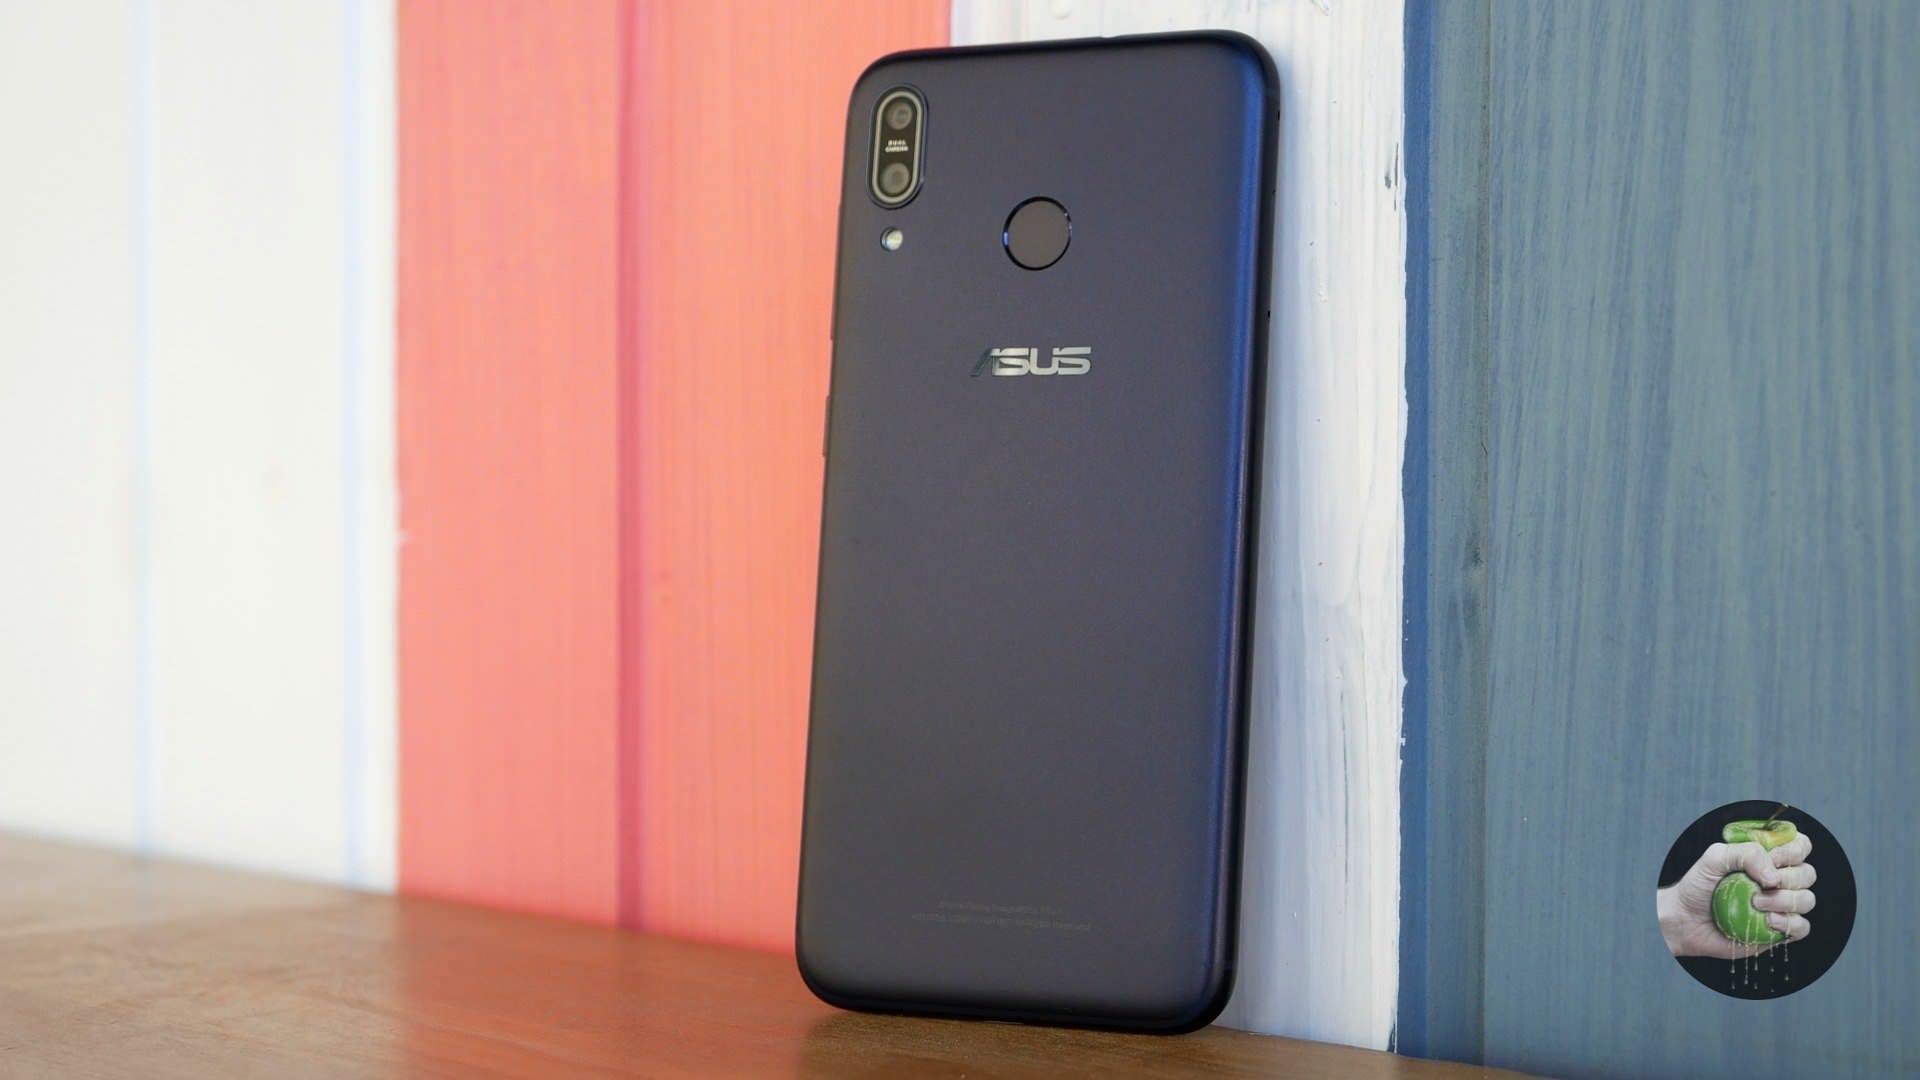 Обзор ASUS Zenfone Max M1: удобный, недорогой и долго работает